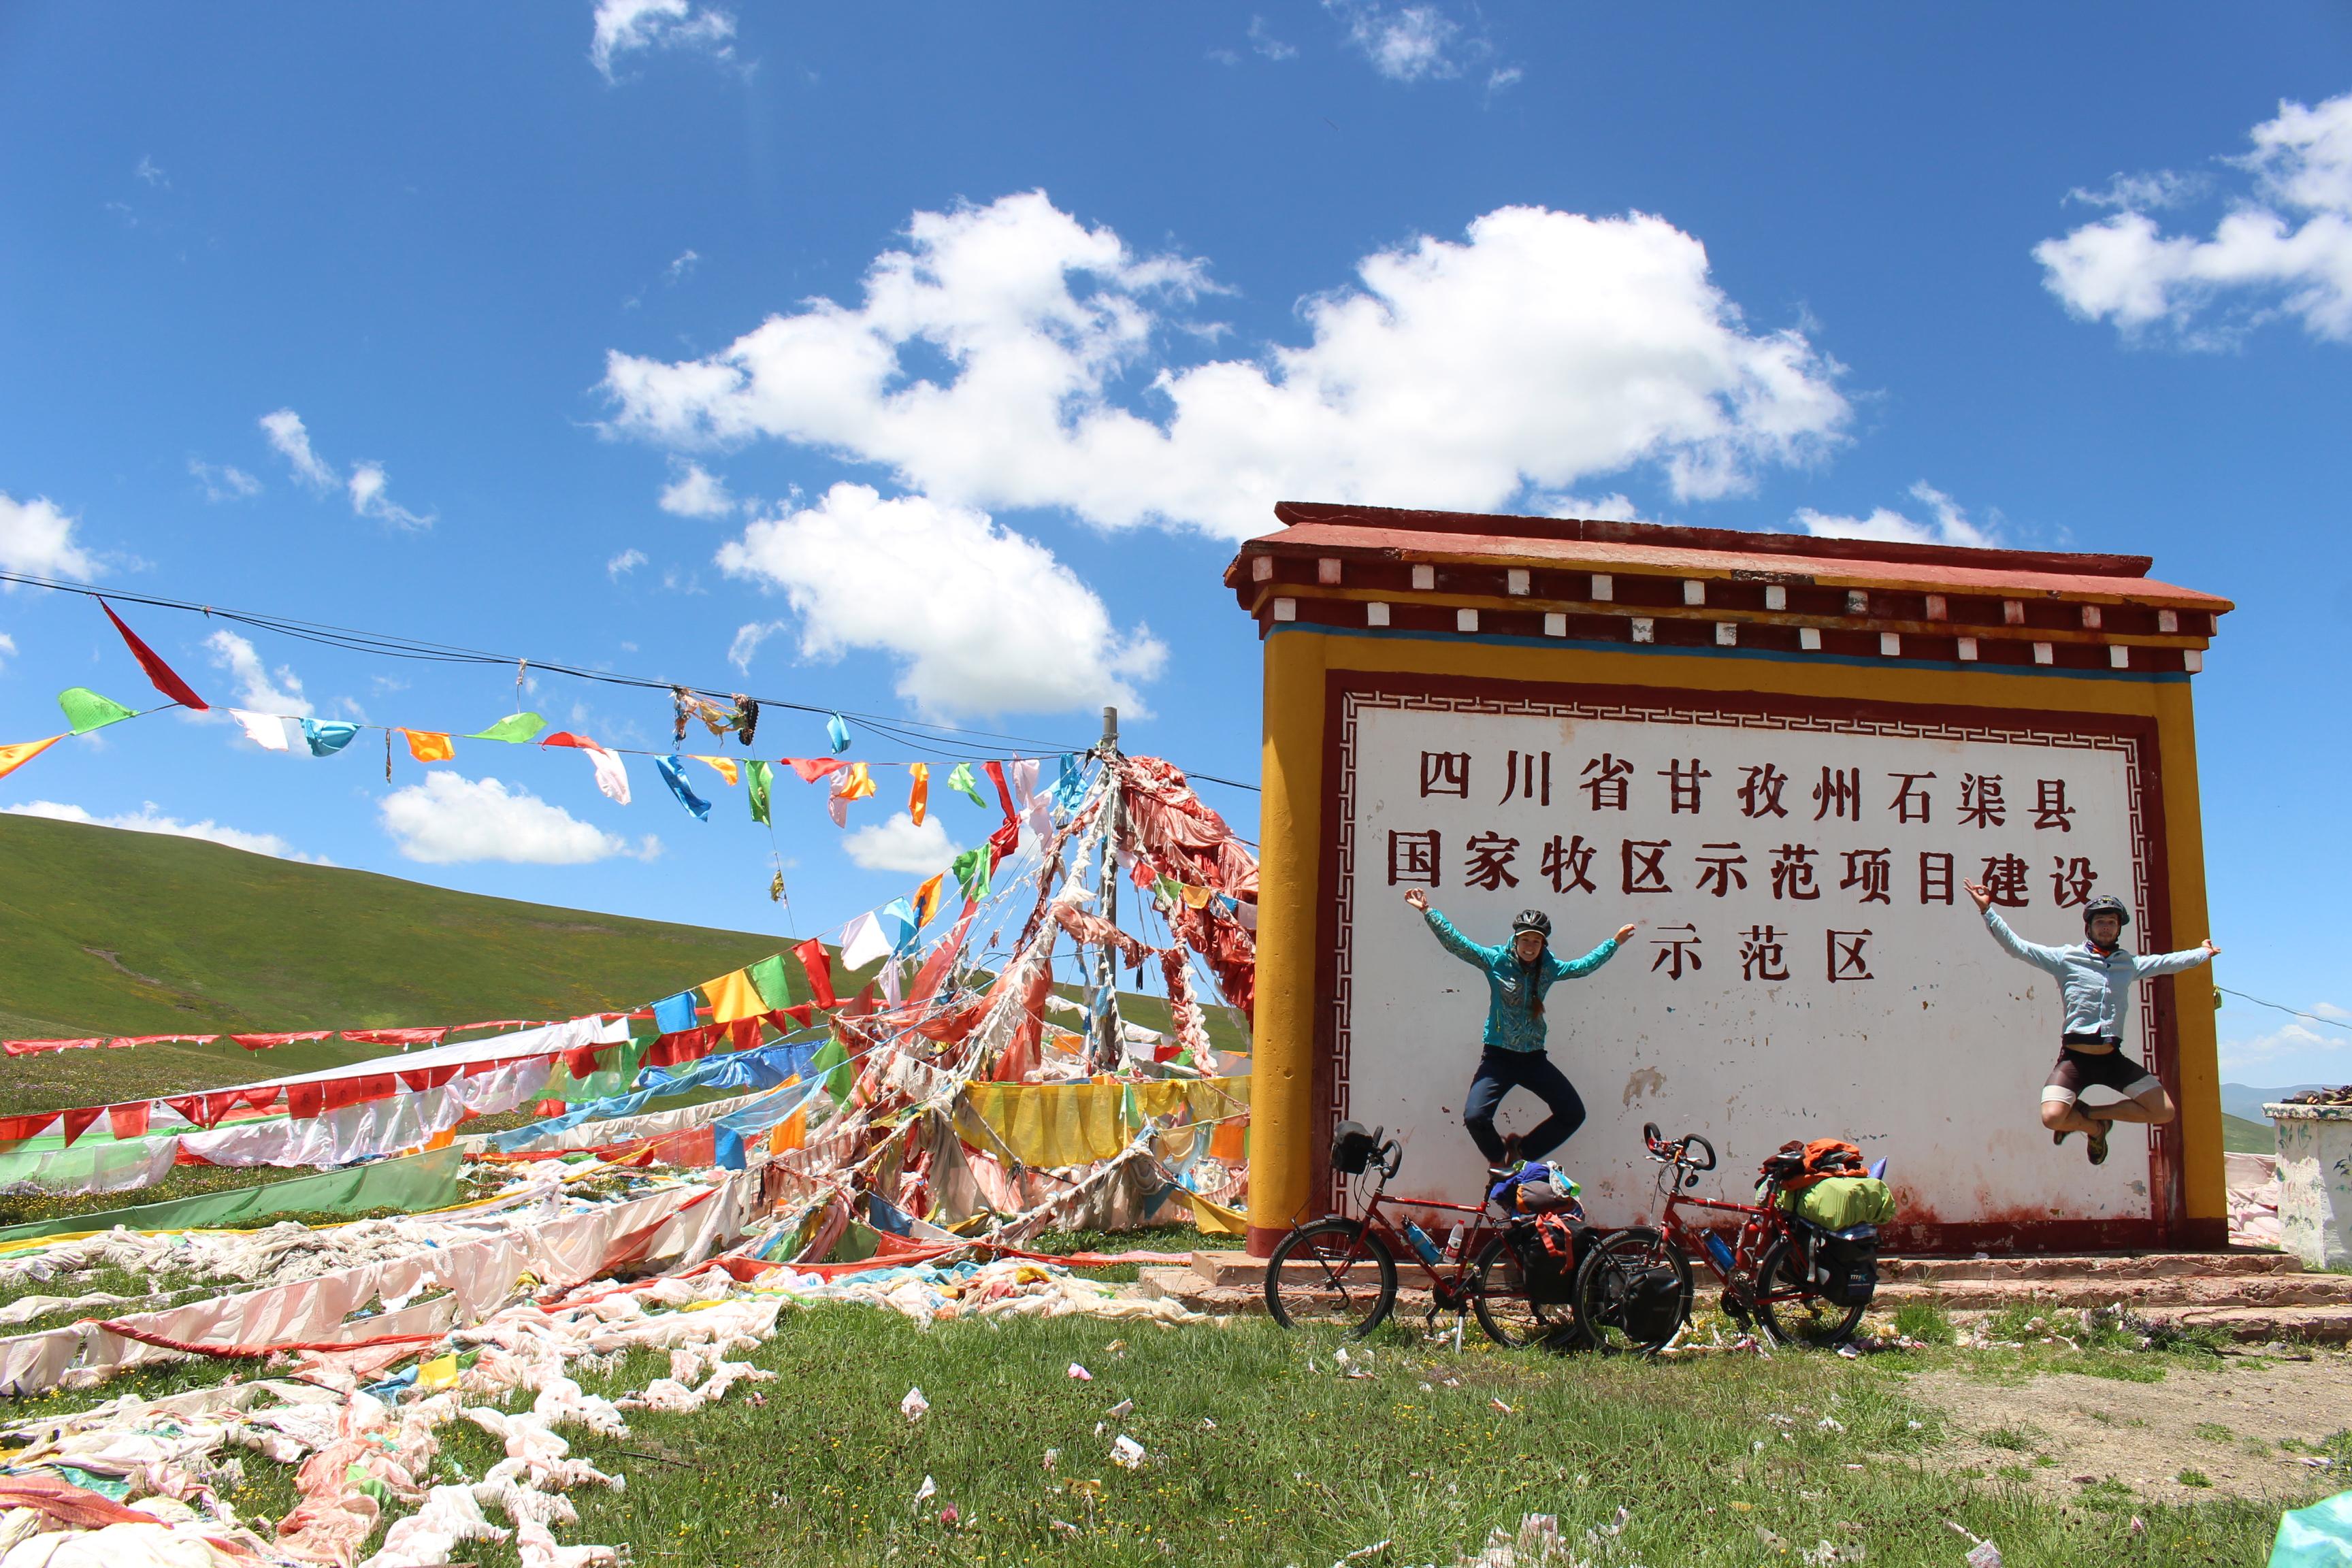 Chine - Les plateaux tibétains